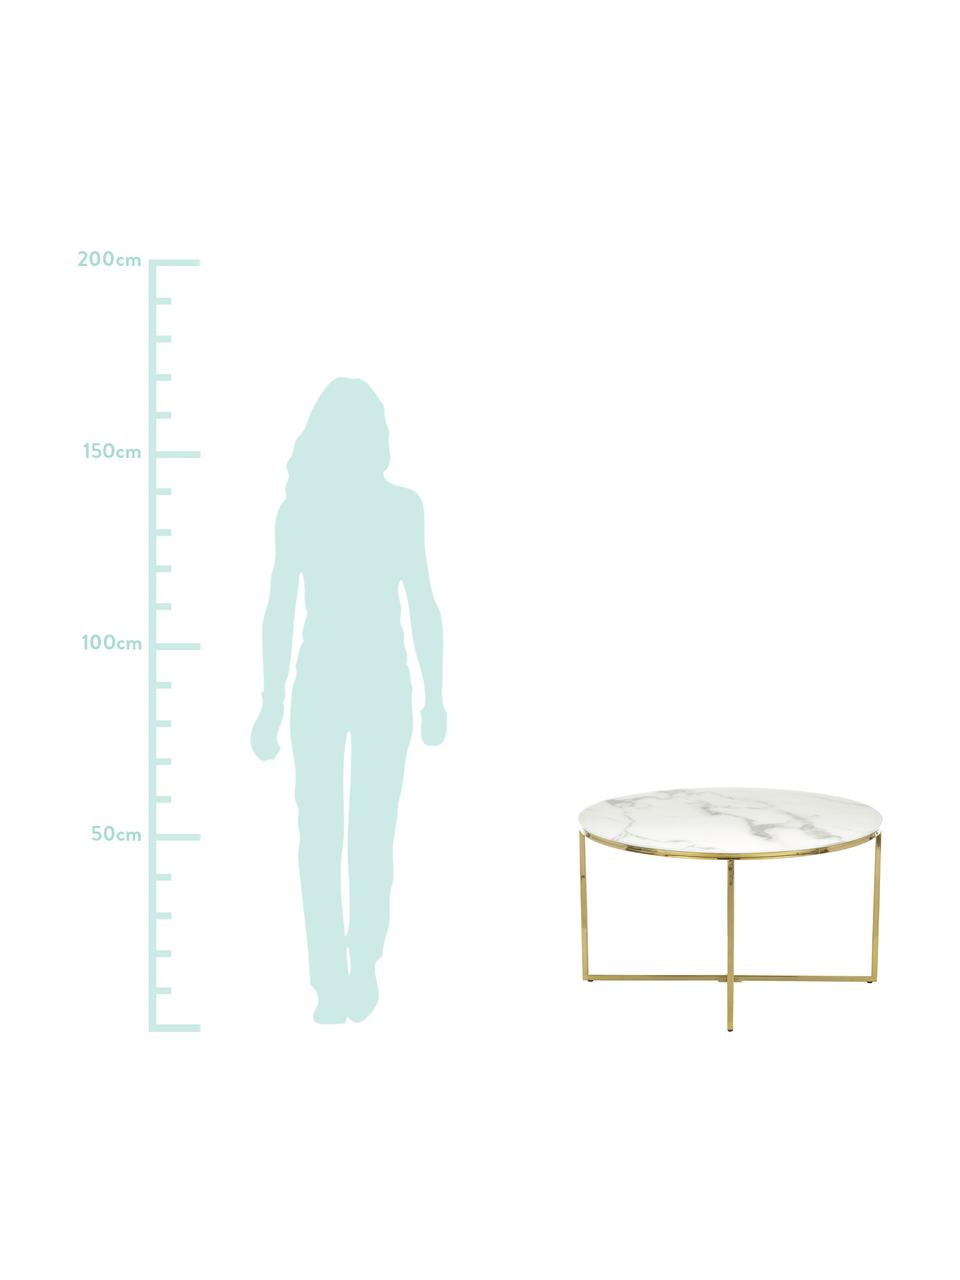 Couchtisch Antigua mit marmorierter Glasplatte, Tischplatte: Glas, matt bedruckt, Gestell: Metall, vermessingt, Tischplatte: Weiss, marmoriert<br>Gestell: Messing, Ø 80 x H 45 cm